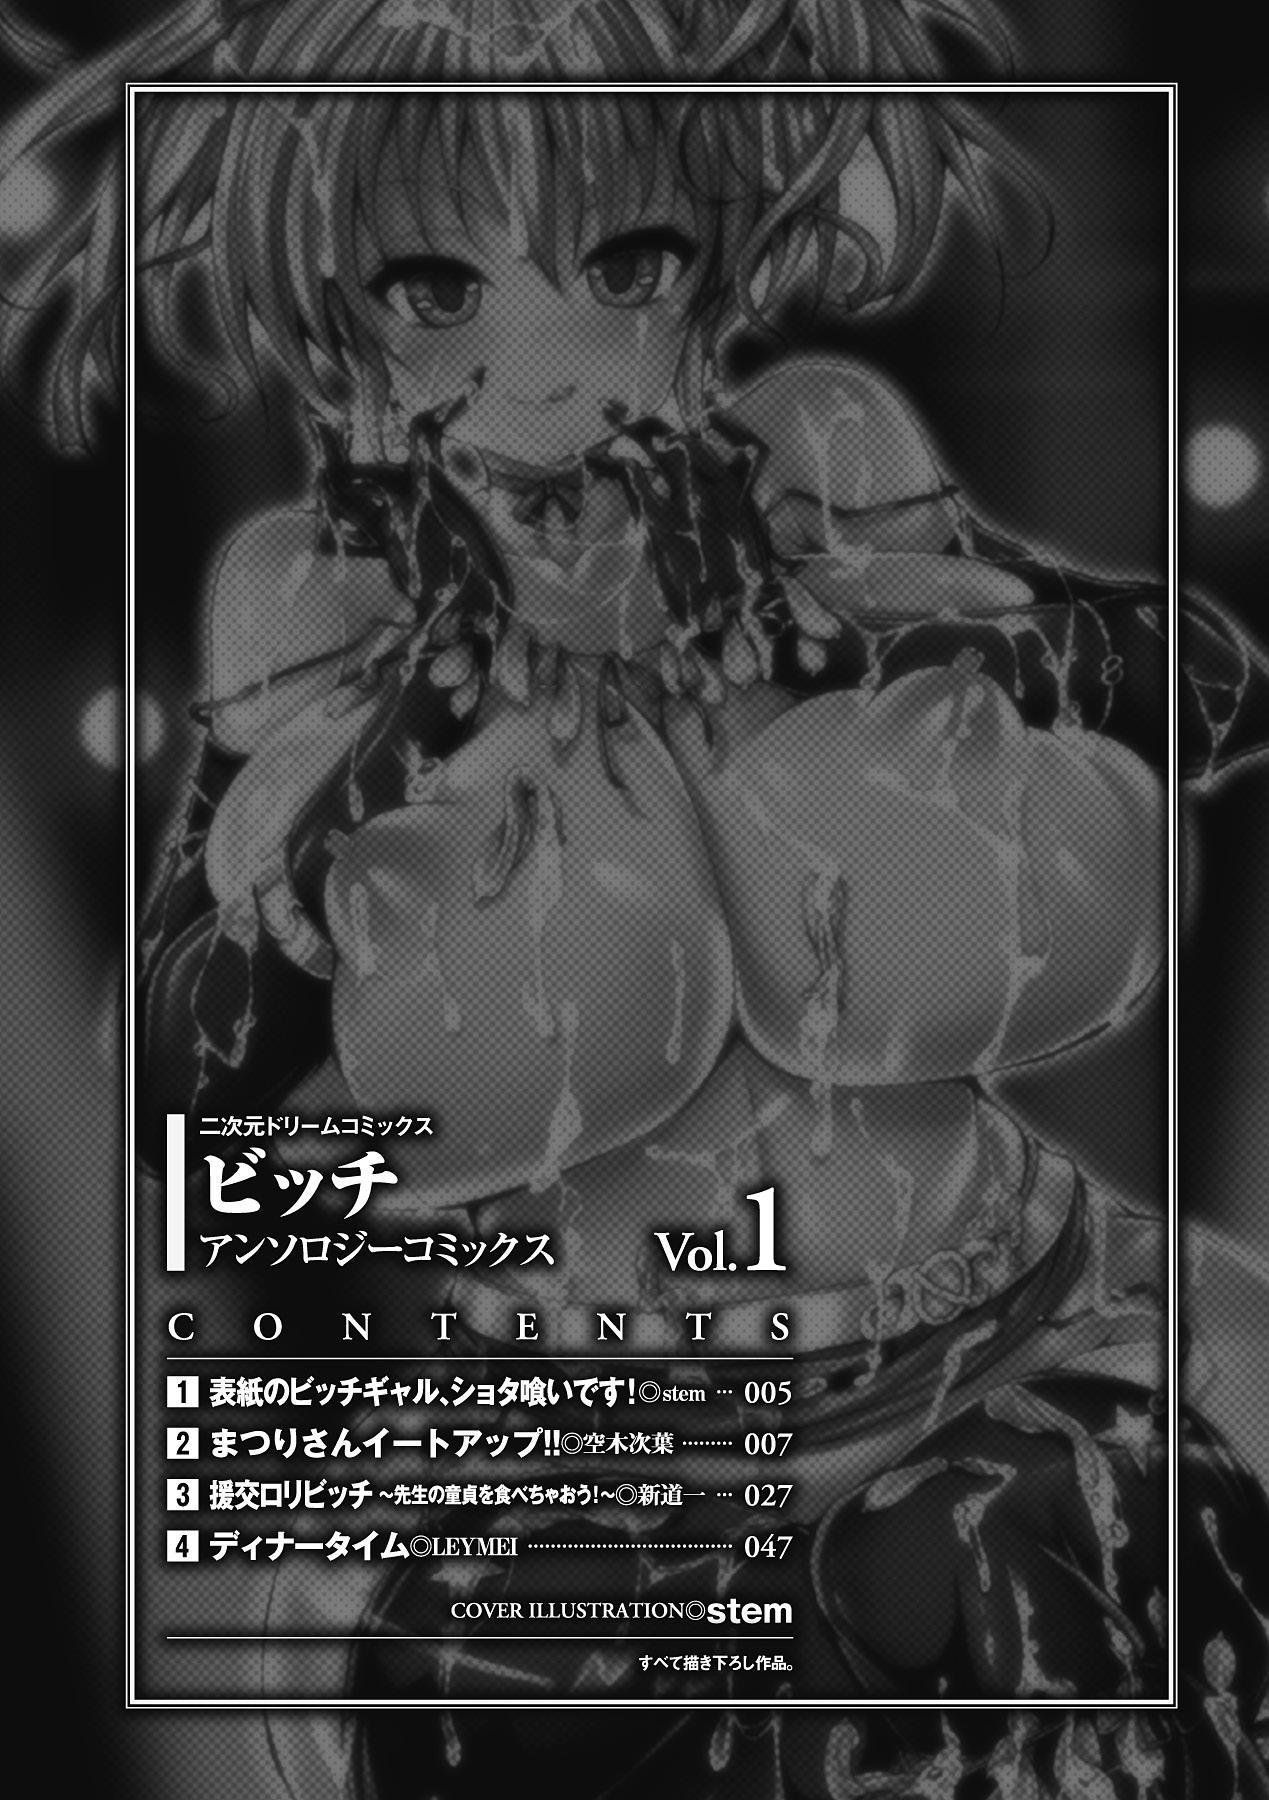 Bitch Vol.1 3